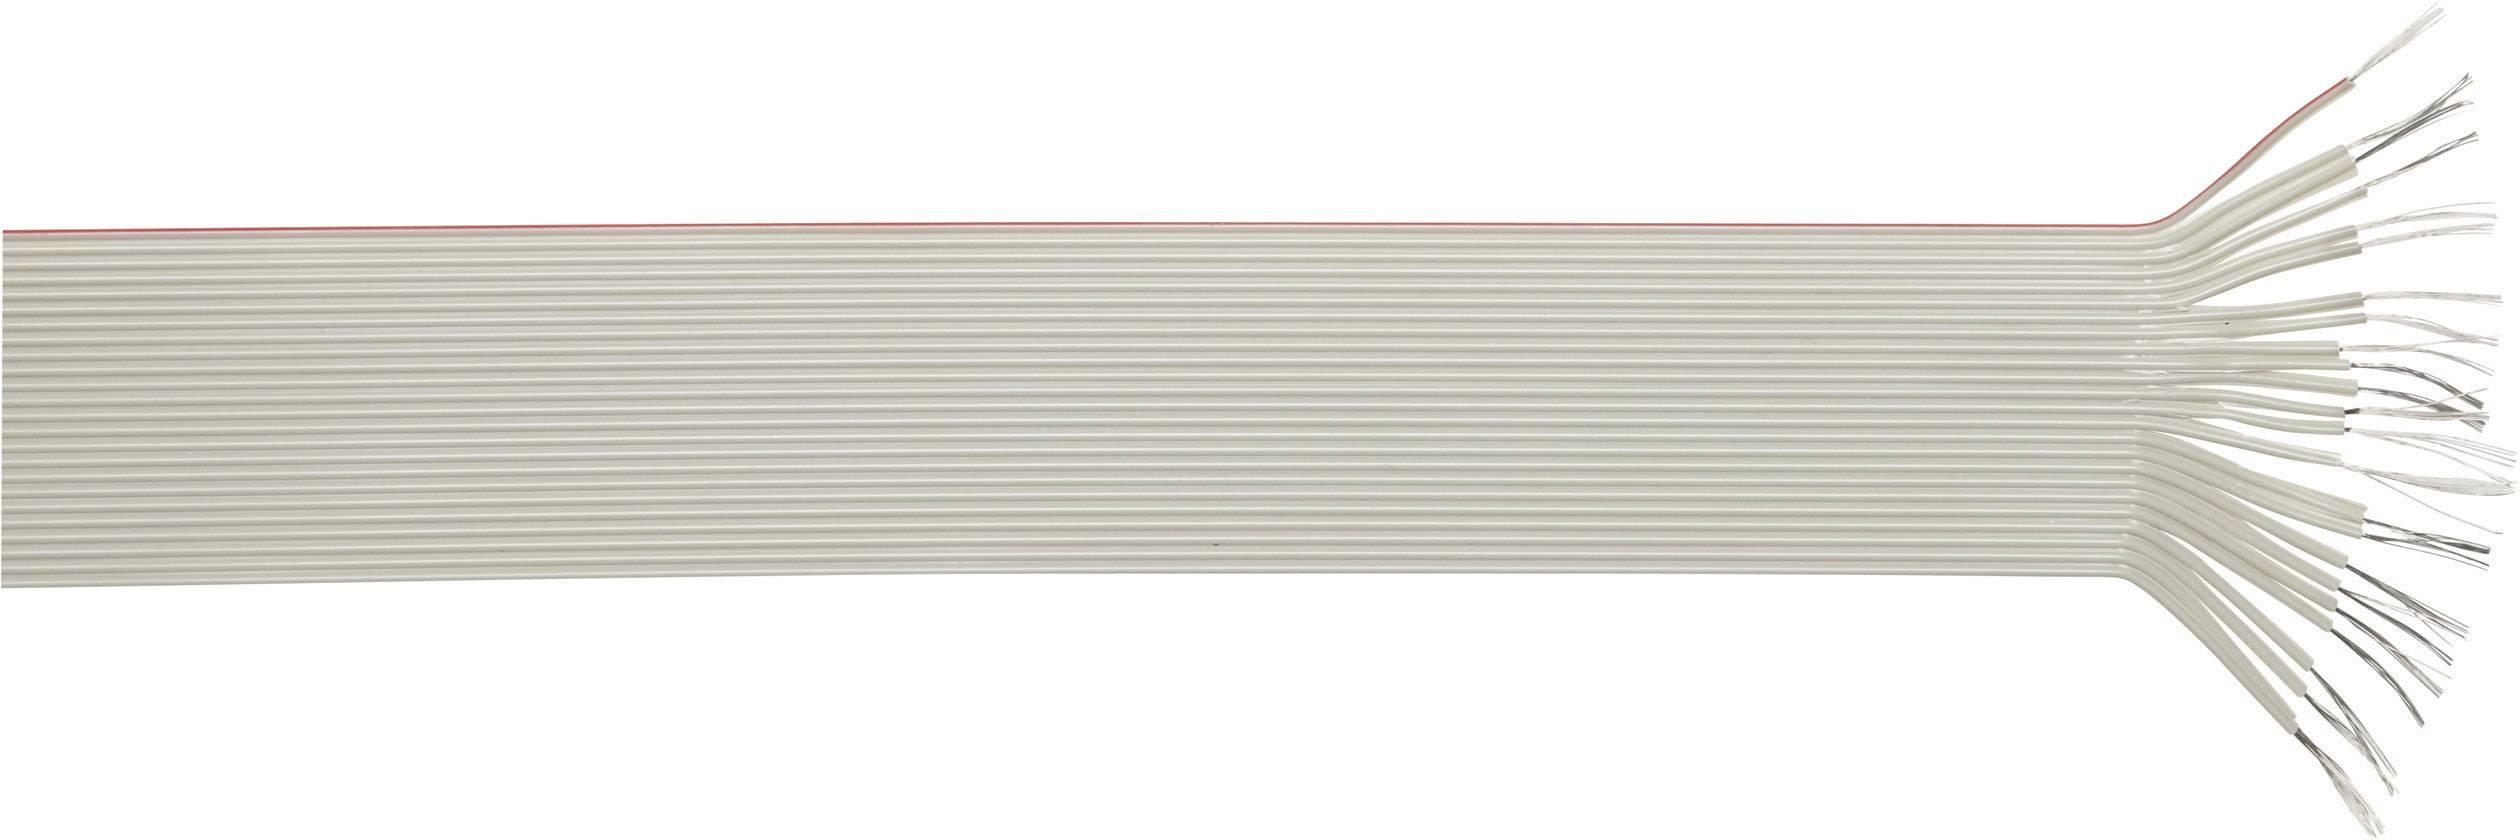 Plochý kábel LappKabel 49900048, rozteč 1.27 mm, 25 x 0.09 mm², sivá, metrový tovar